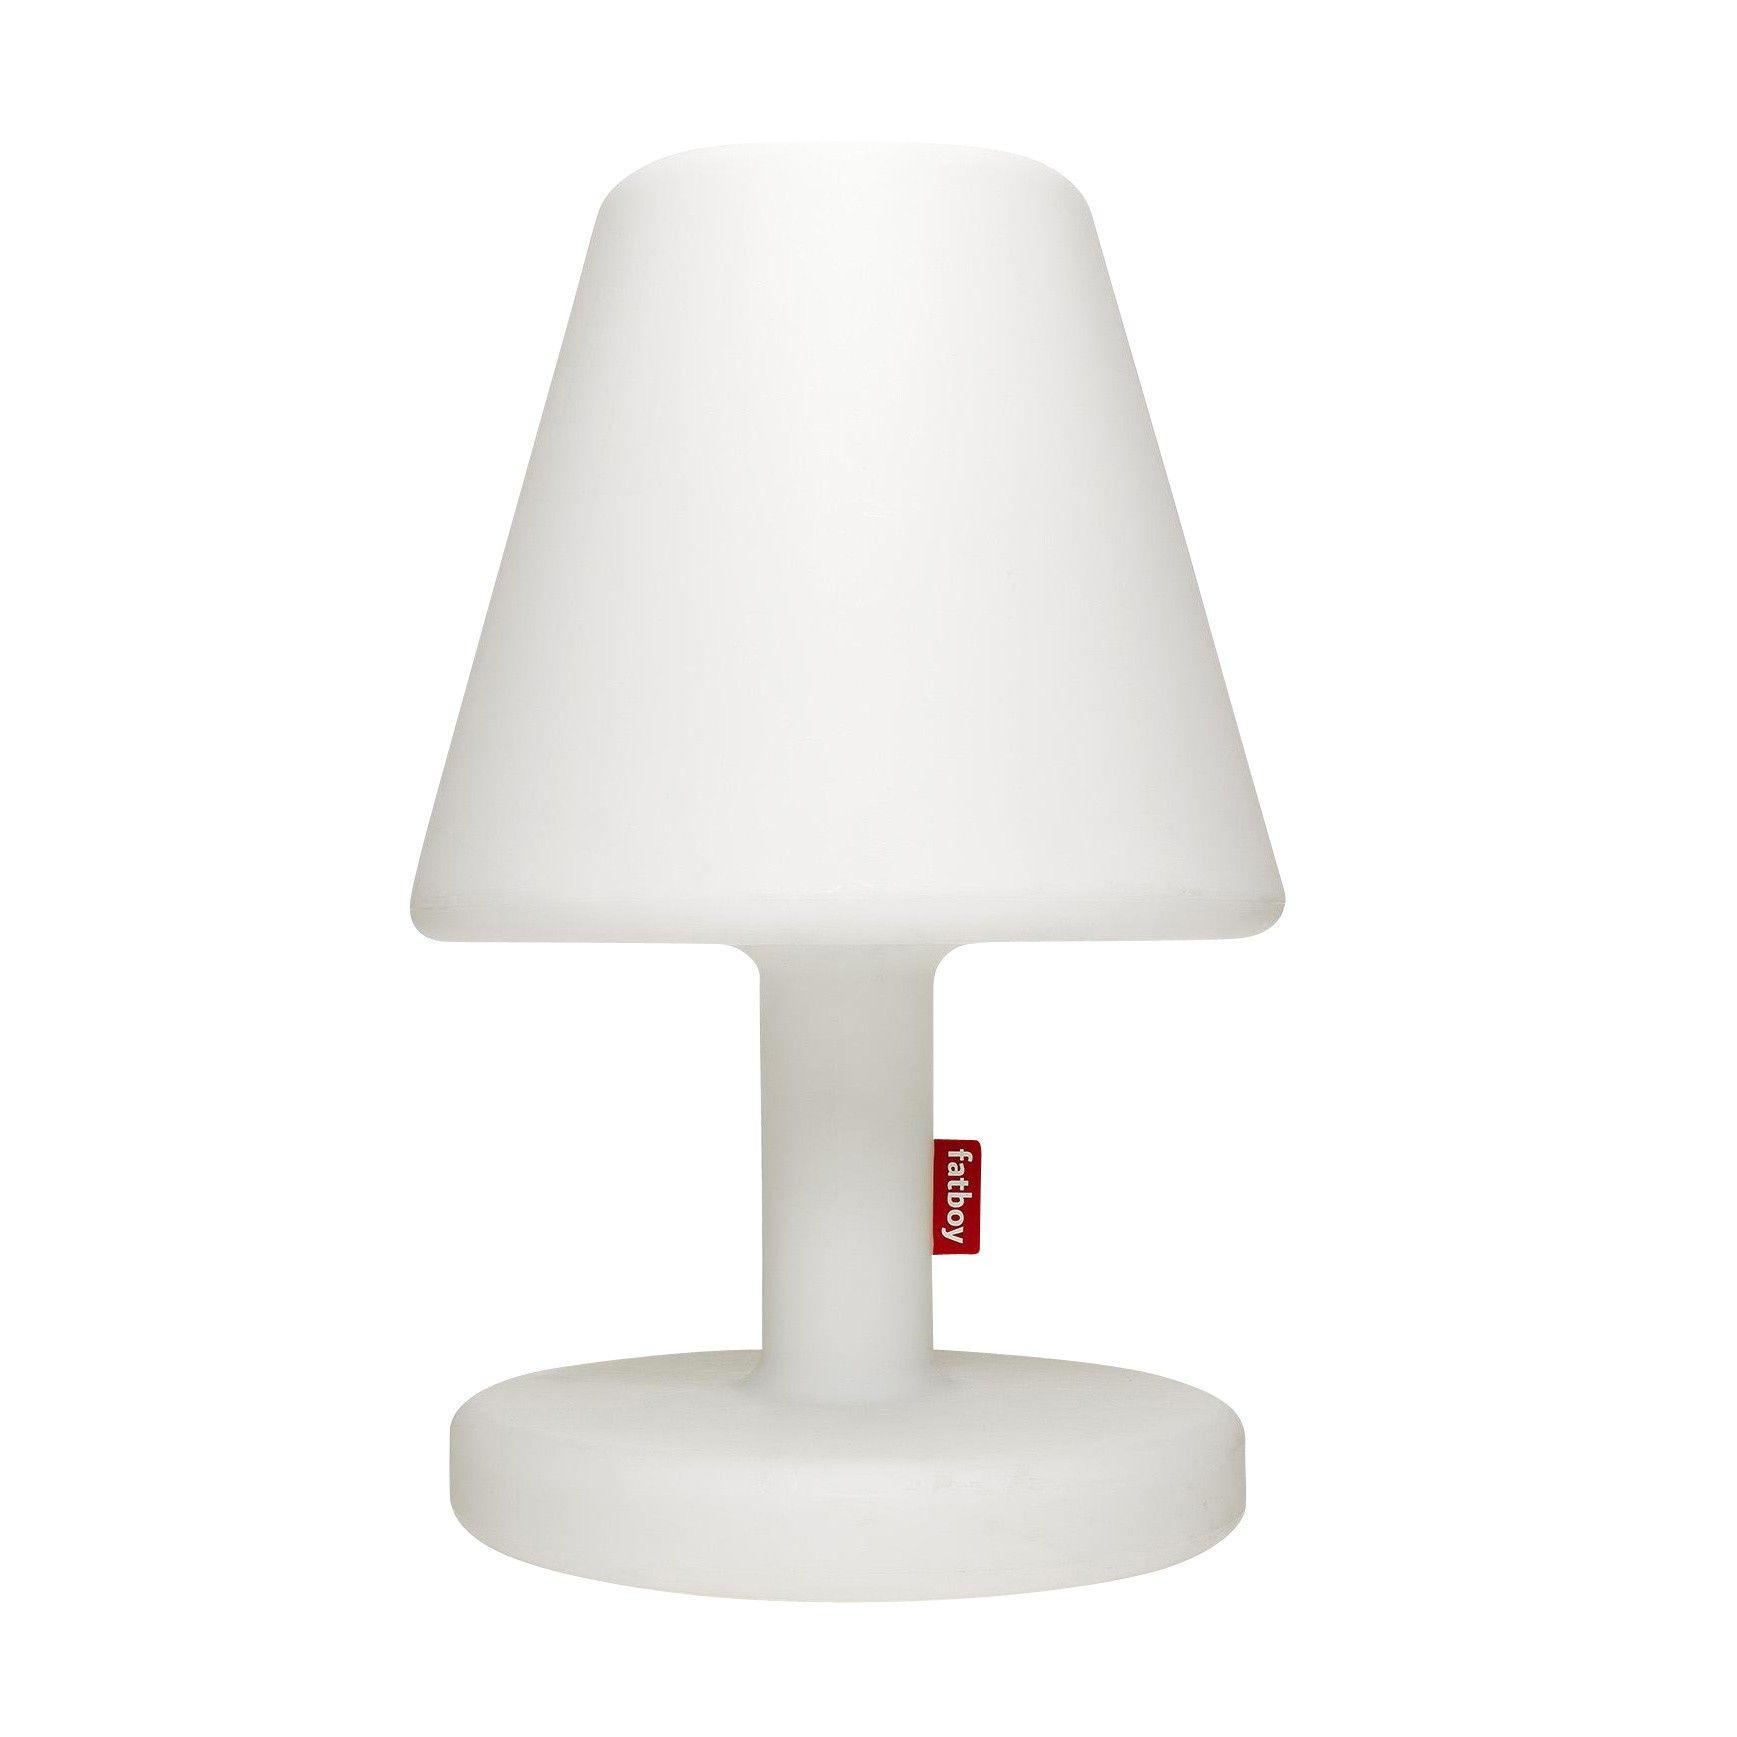 51 Geniale Fatboy Lampe Gunstig Stock Check More At Https Theaviationwebsite Com Fatboy Lampe Gunstig 65841 In 2020 Led Floor Lamp Lamp Floor Lamp